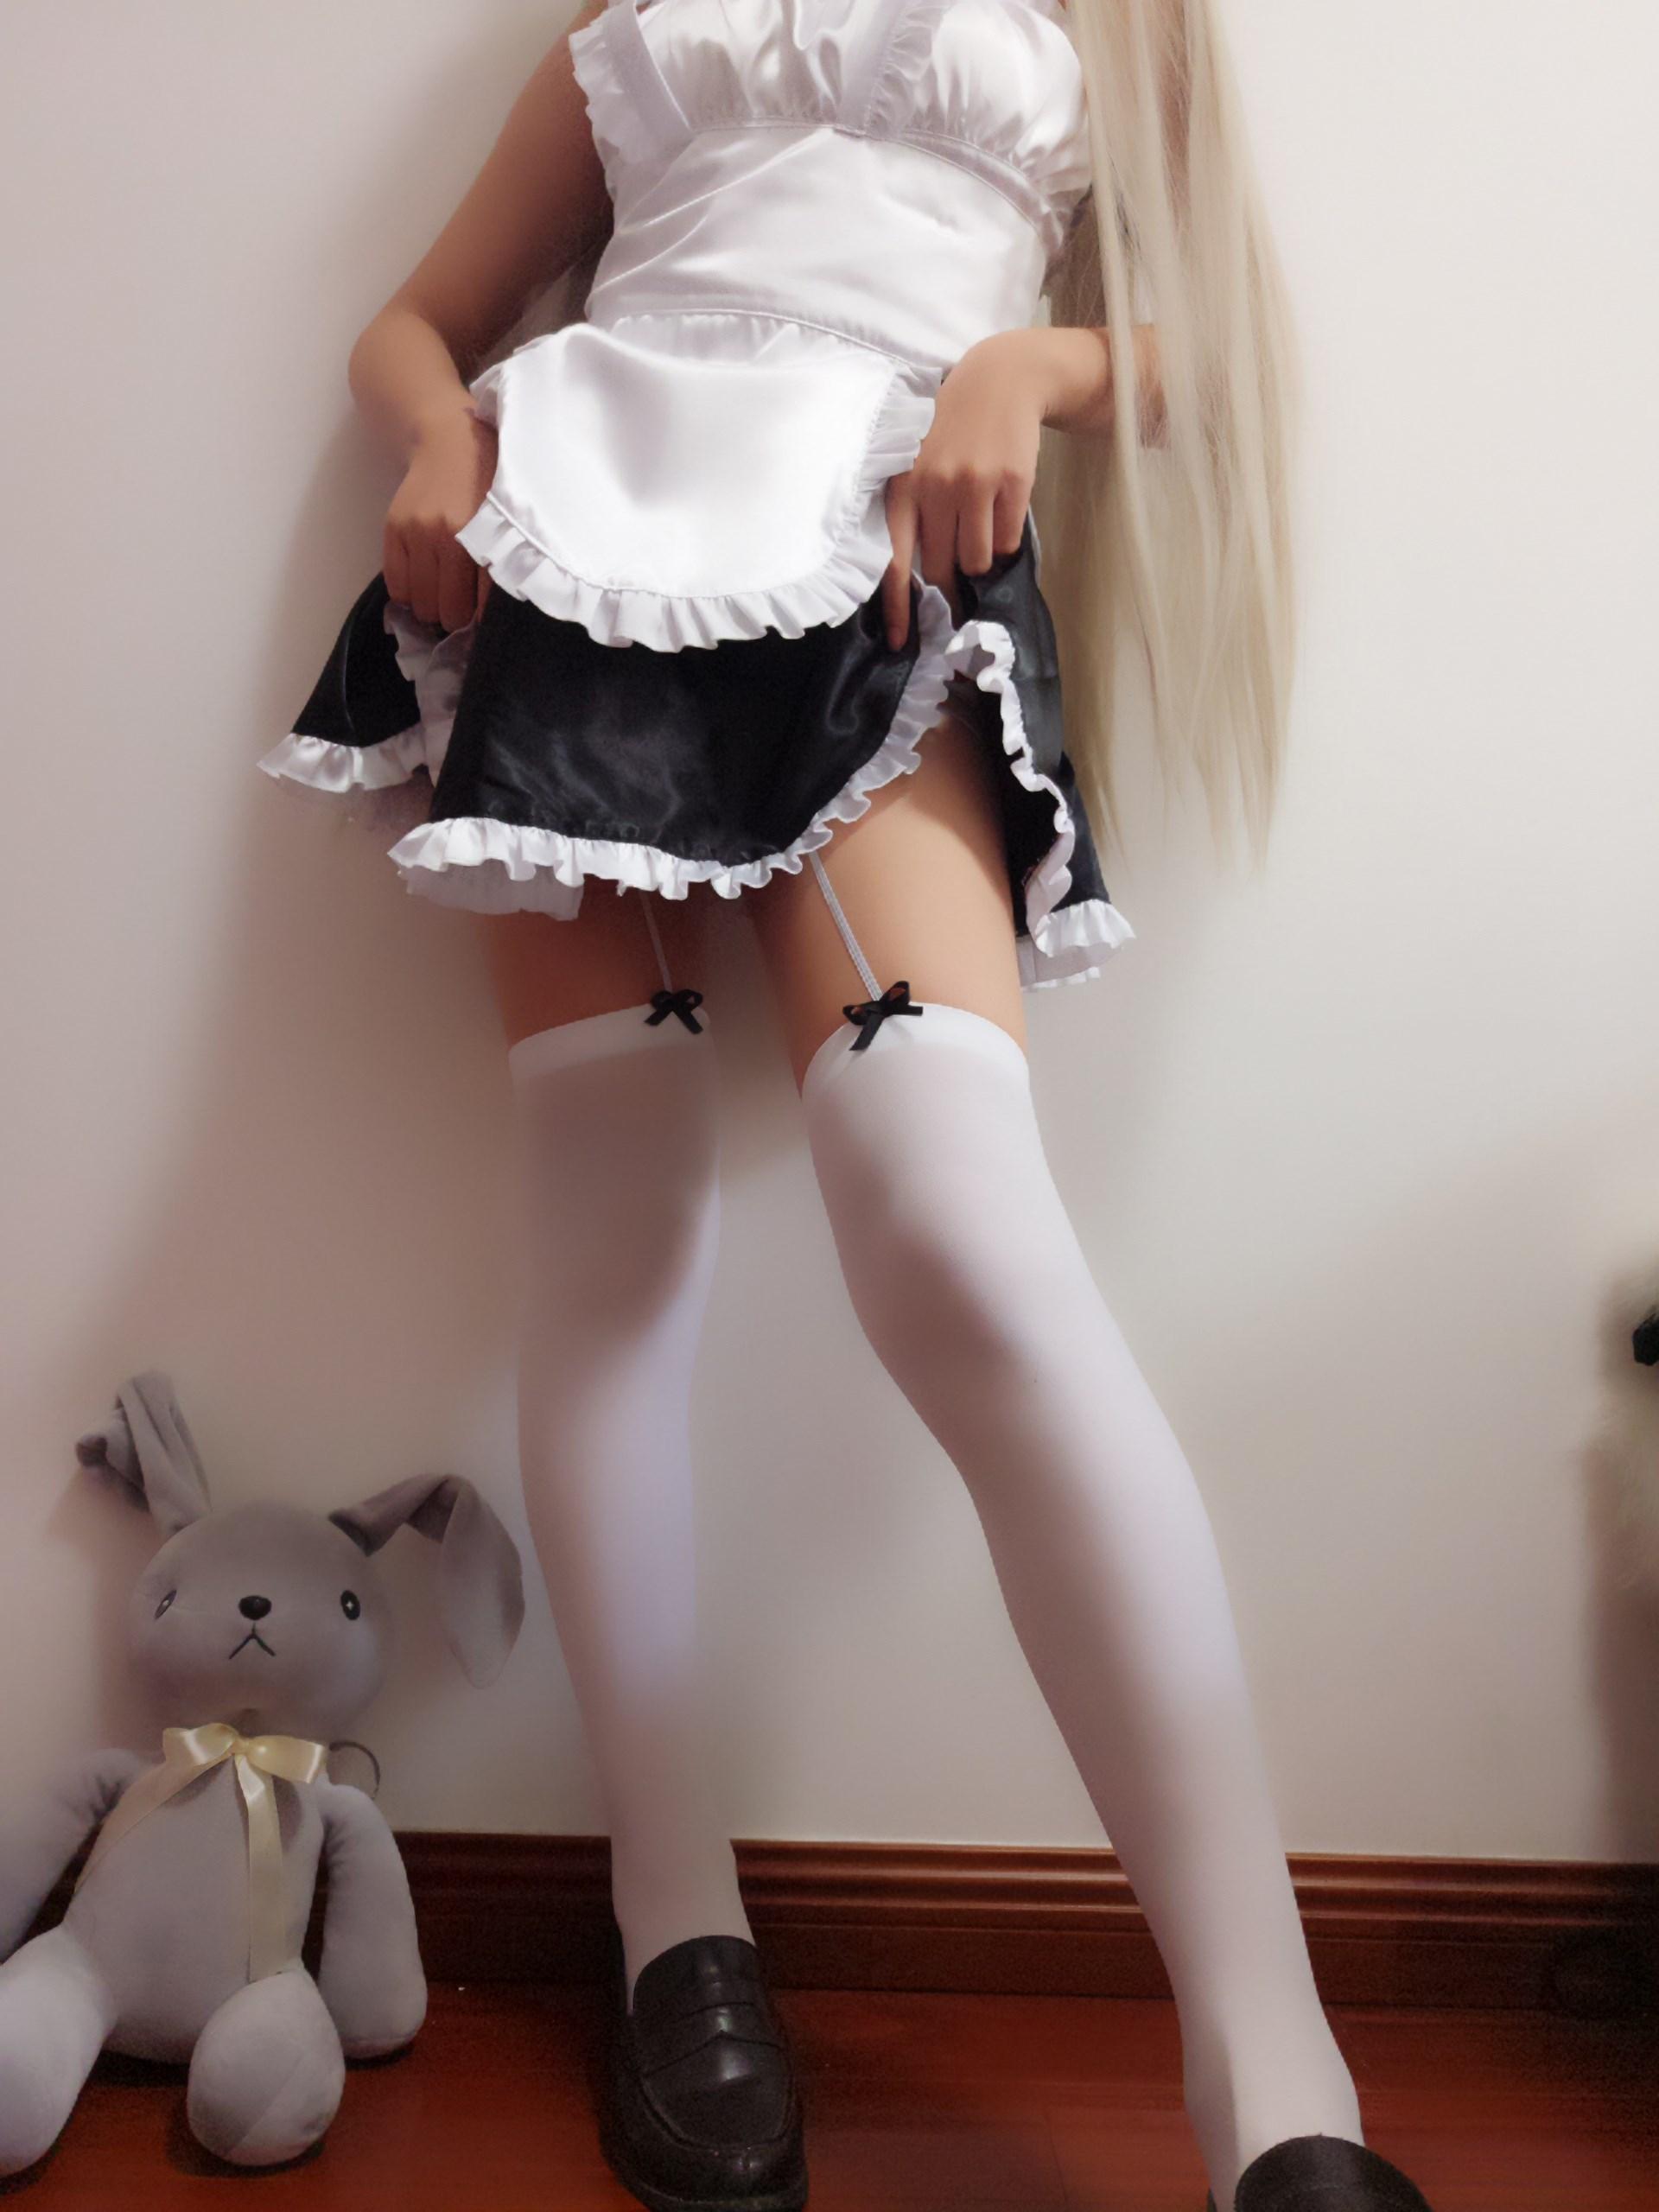 【兔玩映画】萌妹自拍-女仆装穹妹 兔玩映画 第27张